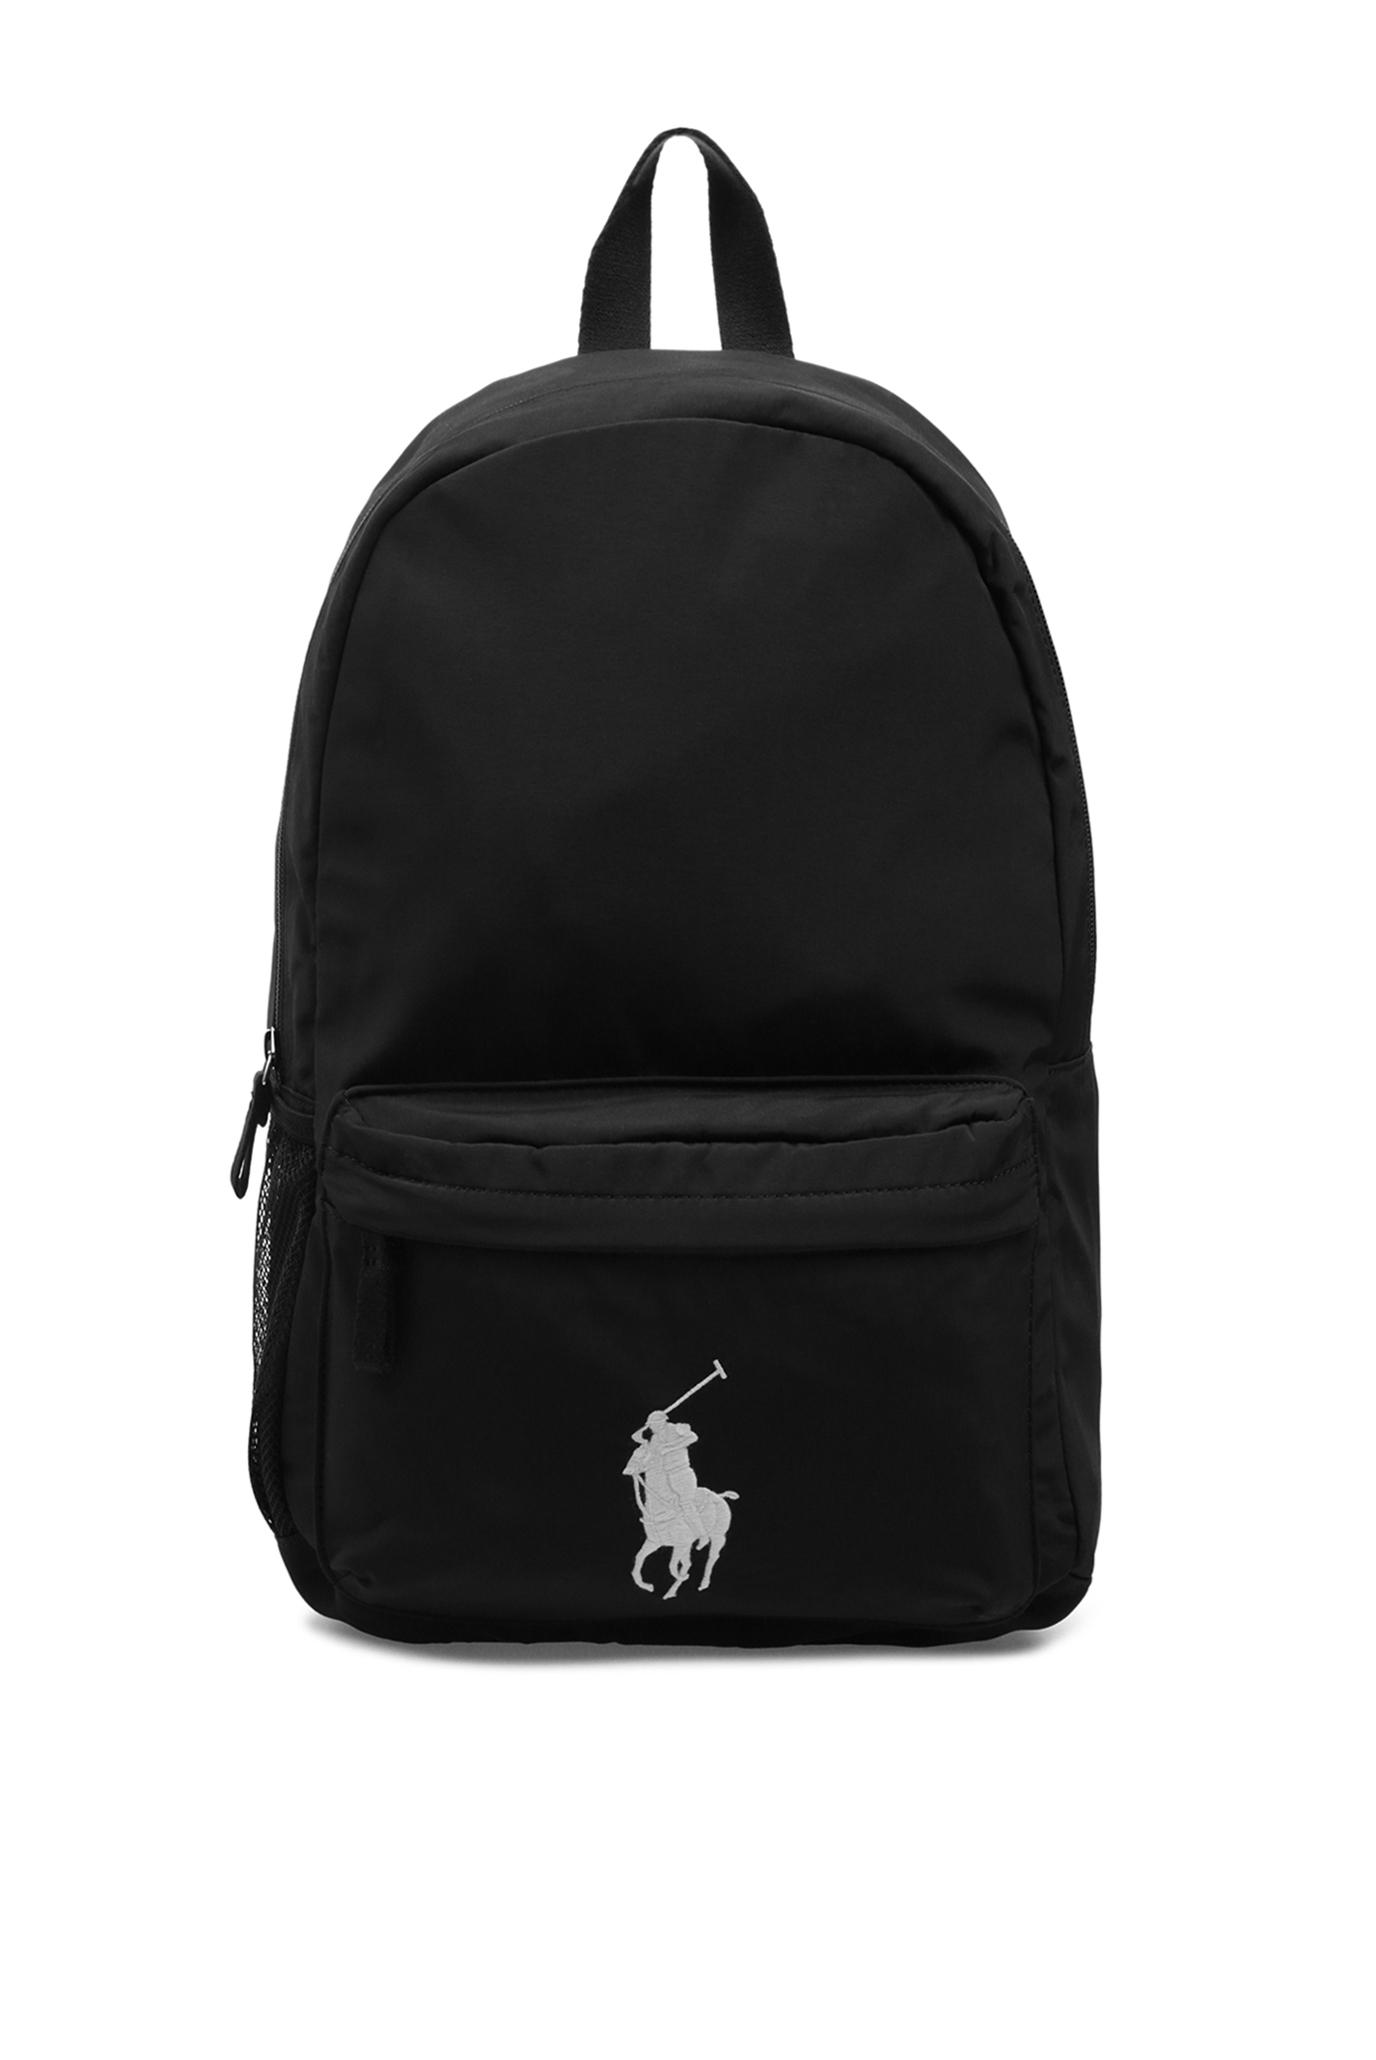 Дитячий чорний рюкзак 1